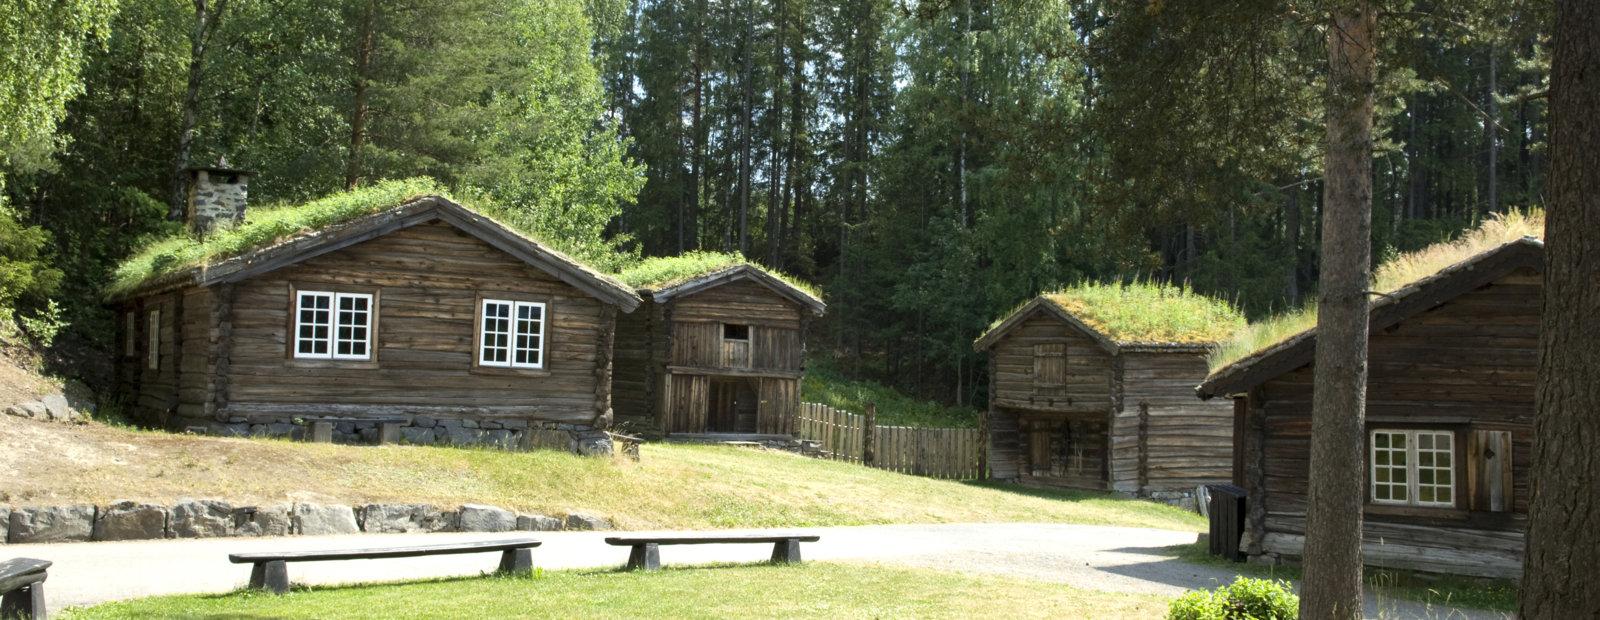 Hus fra bygdesamfunnet på Maihaugen, Lillehammer